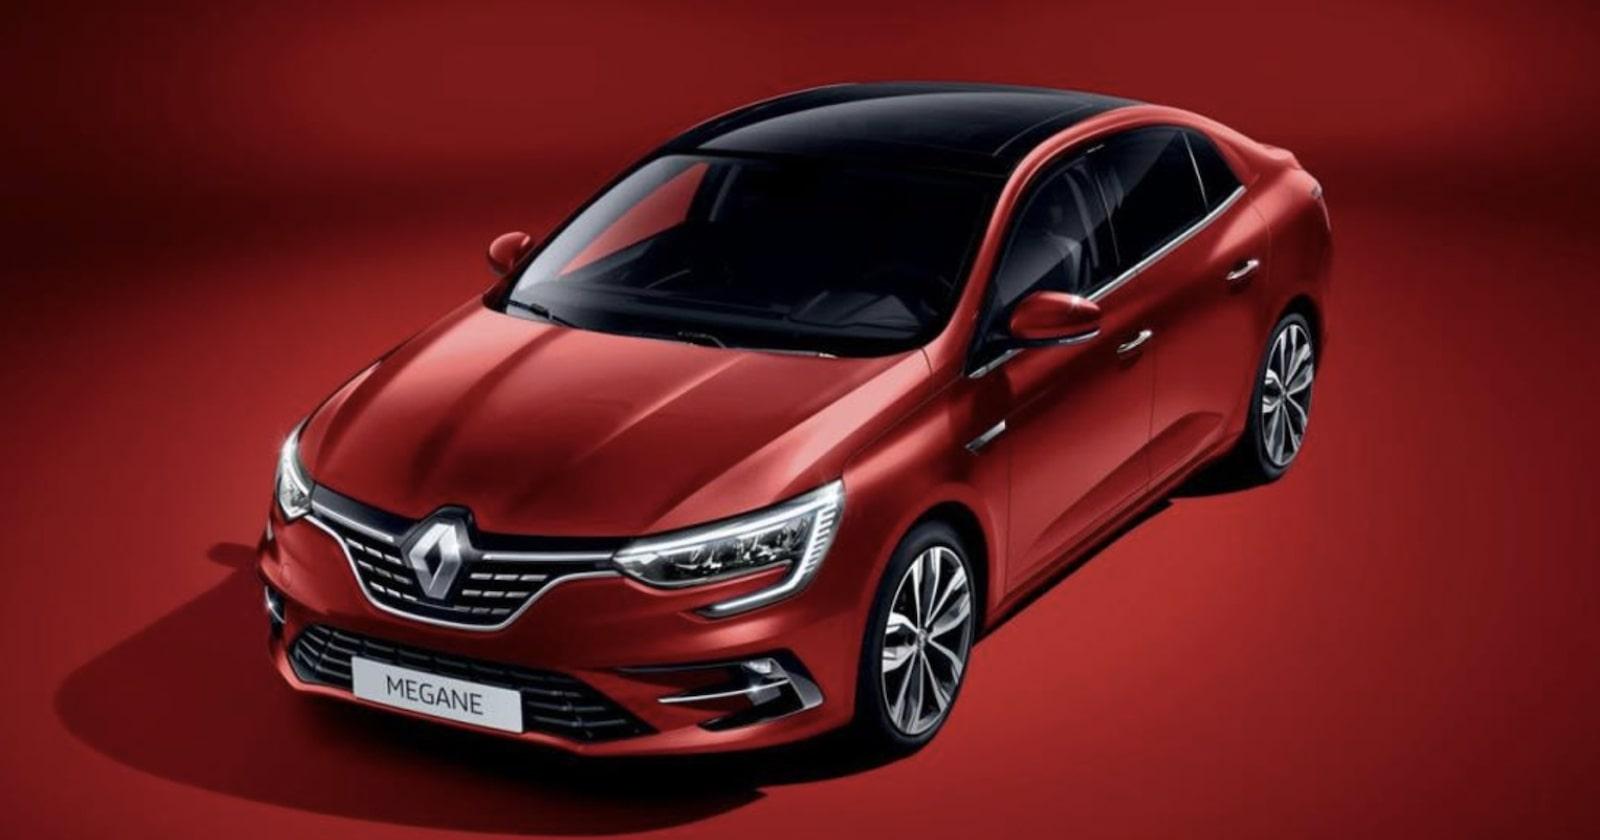 2021 Renault Megane Sedan İndirimli Satış Fiyatları